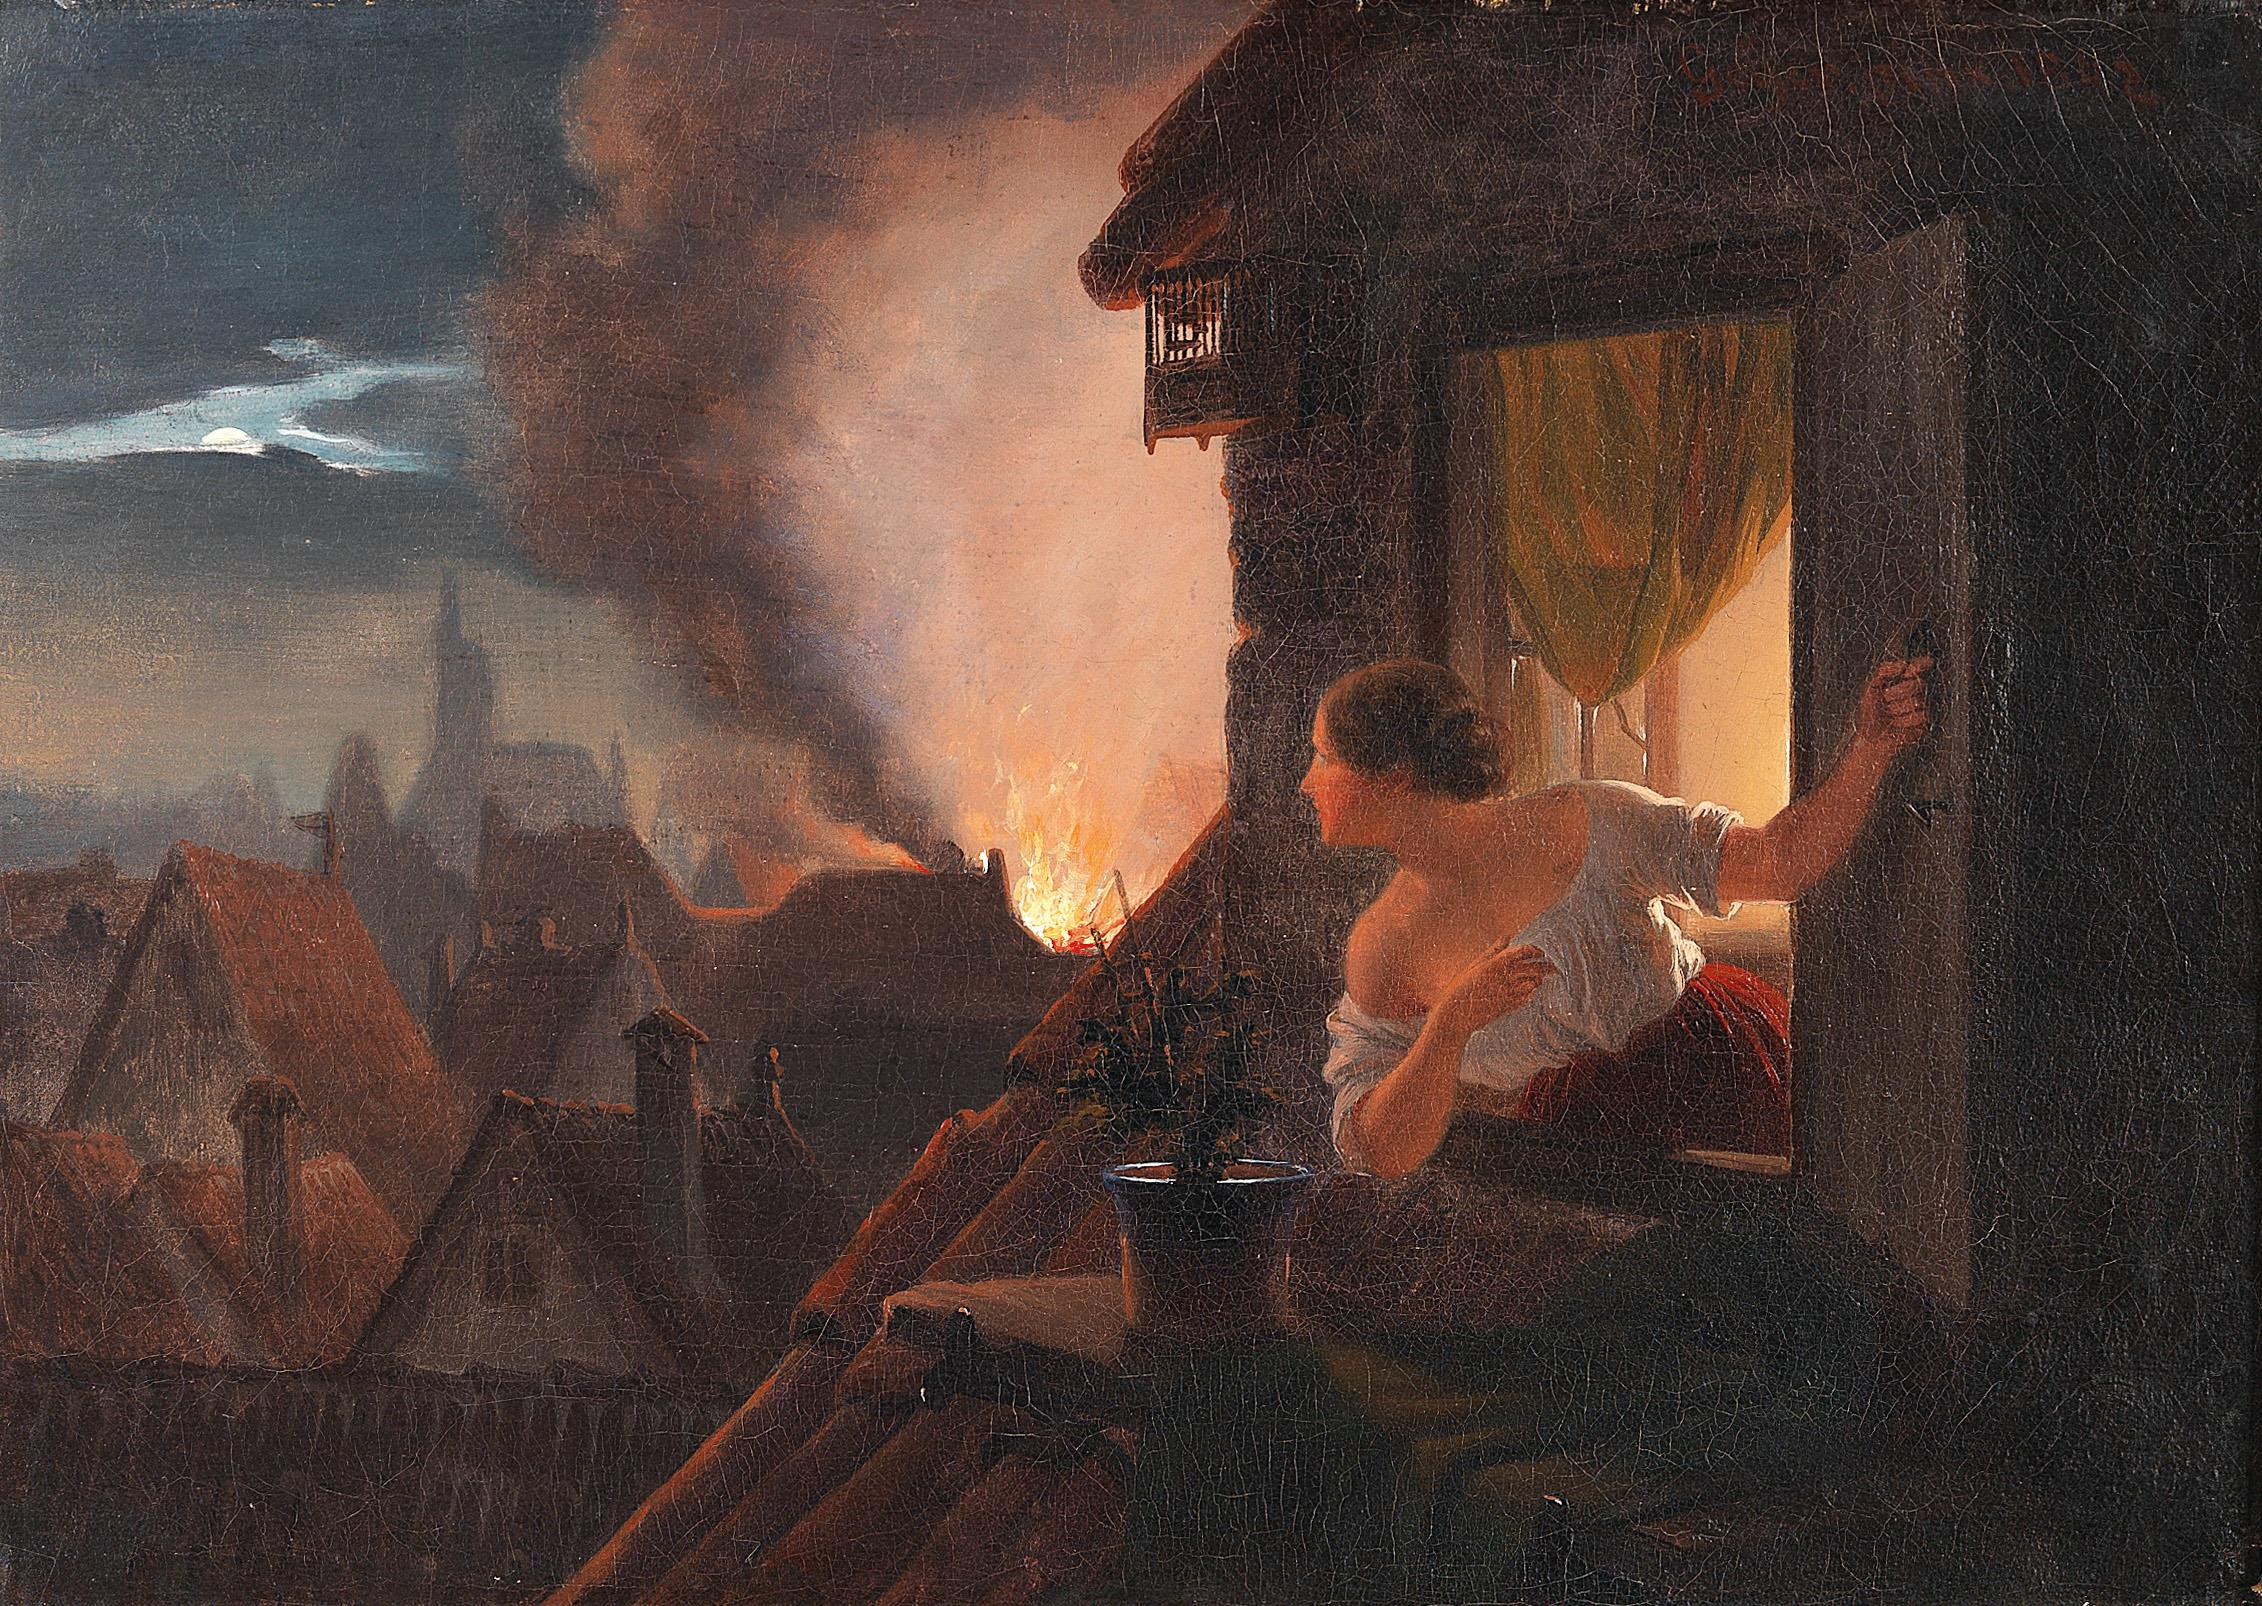 Johann Geyer, Ein Haus brennt, 1842